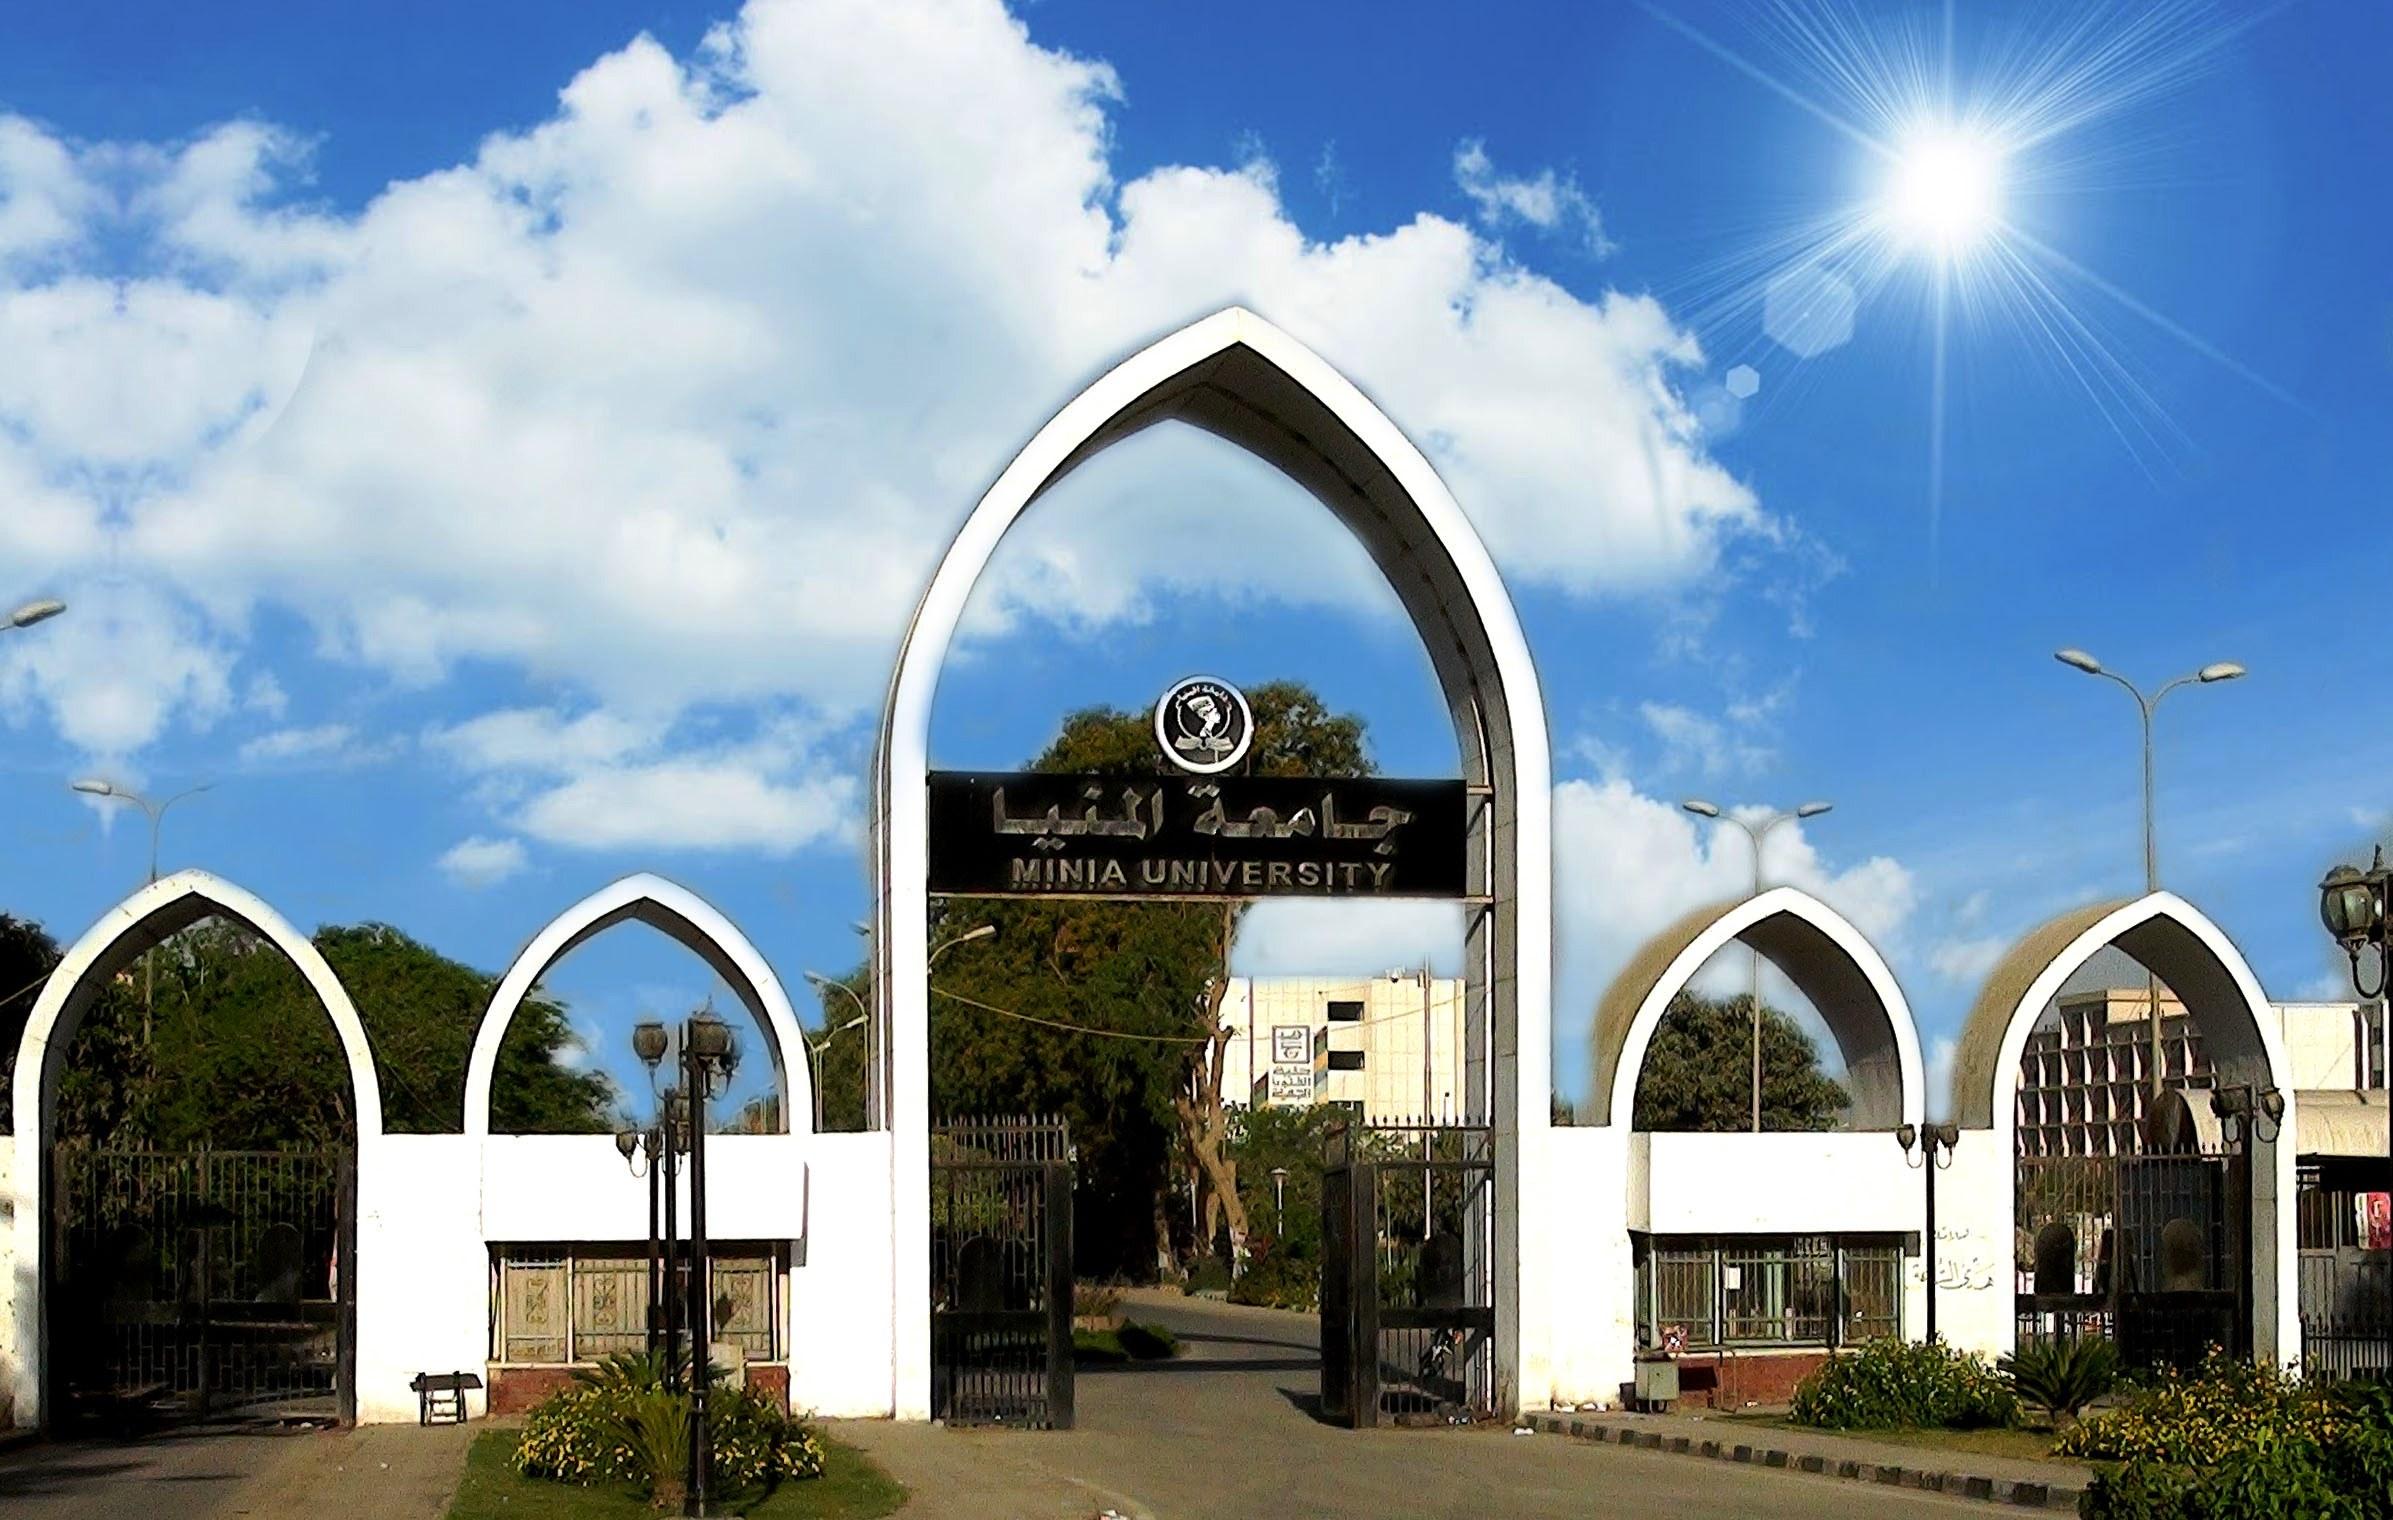 رئيس جامعة المنيا : 3 اعضاء هيئة تدريس بجامعة المنيا فازوا بجوائز الدولة